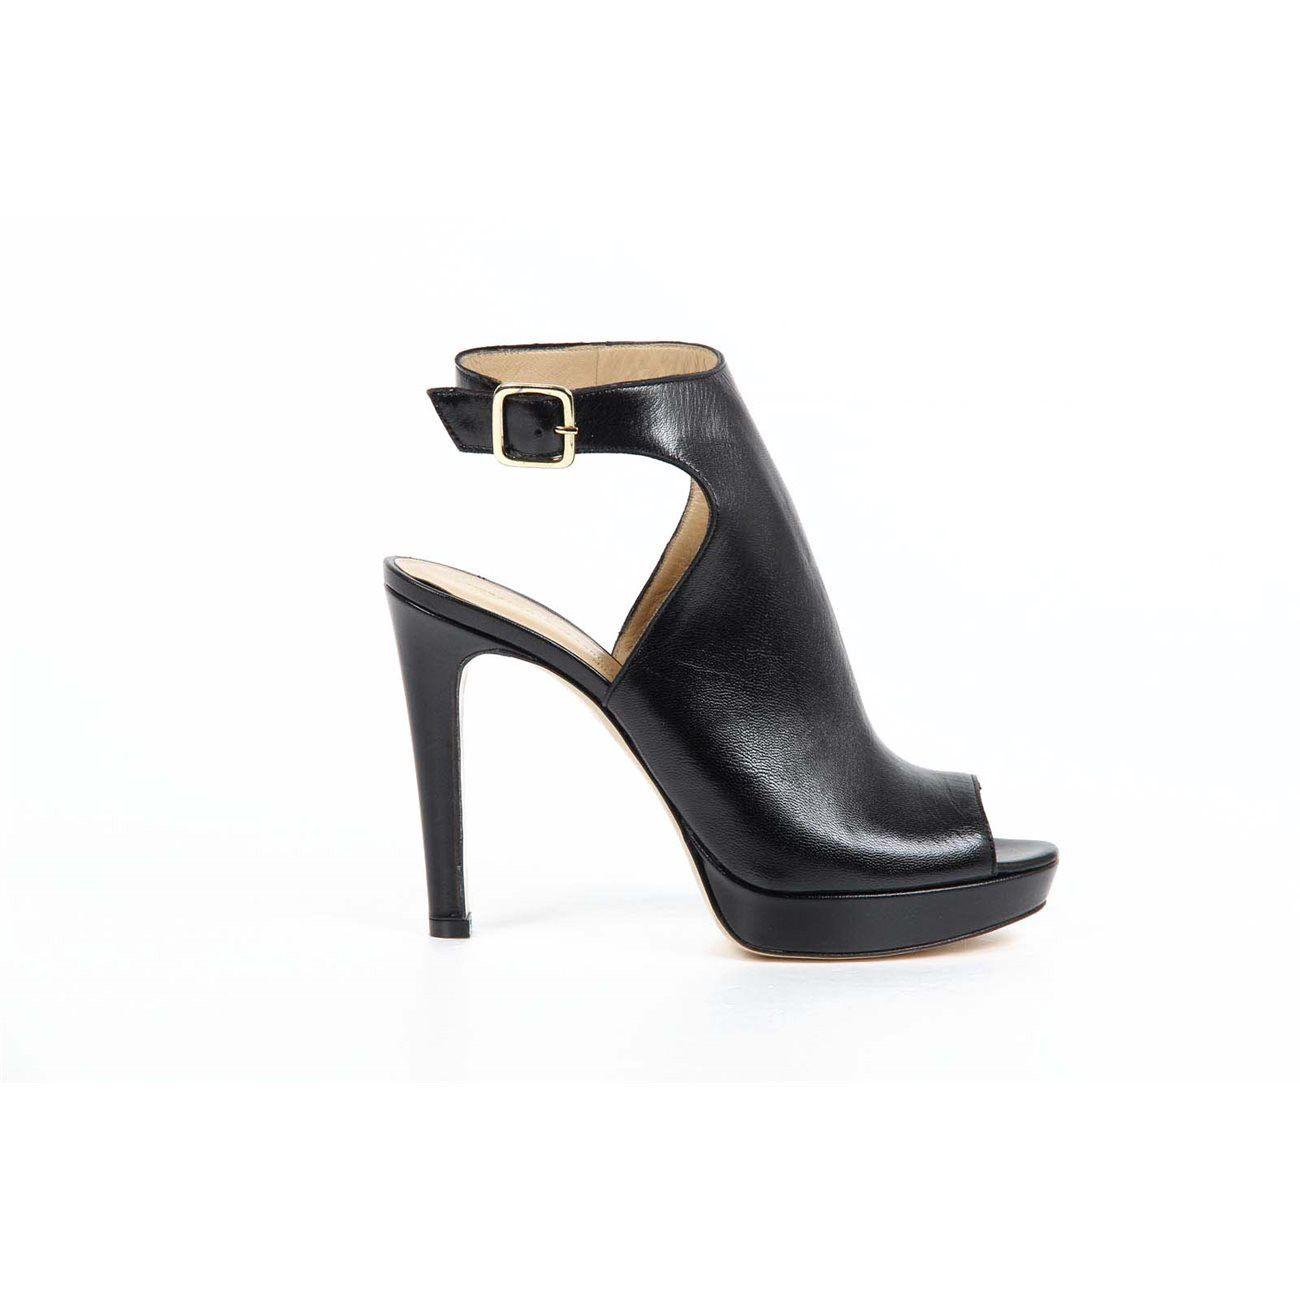 Versace 19.69 Abbigliamento Sportivo Srl Milano Italia ladies sandal 5929-863 NAPPA CHIC NERA